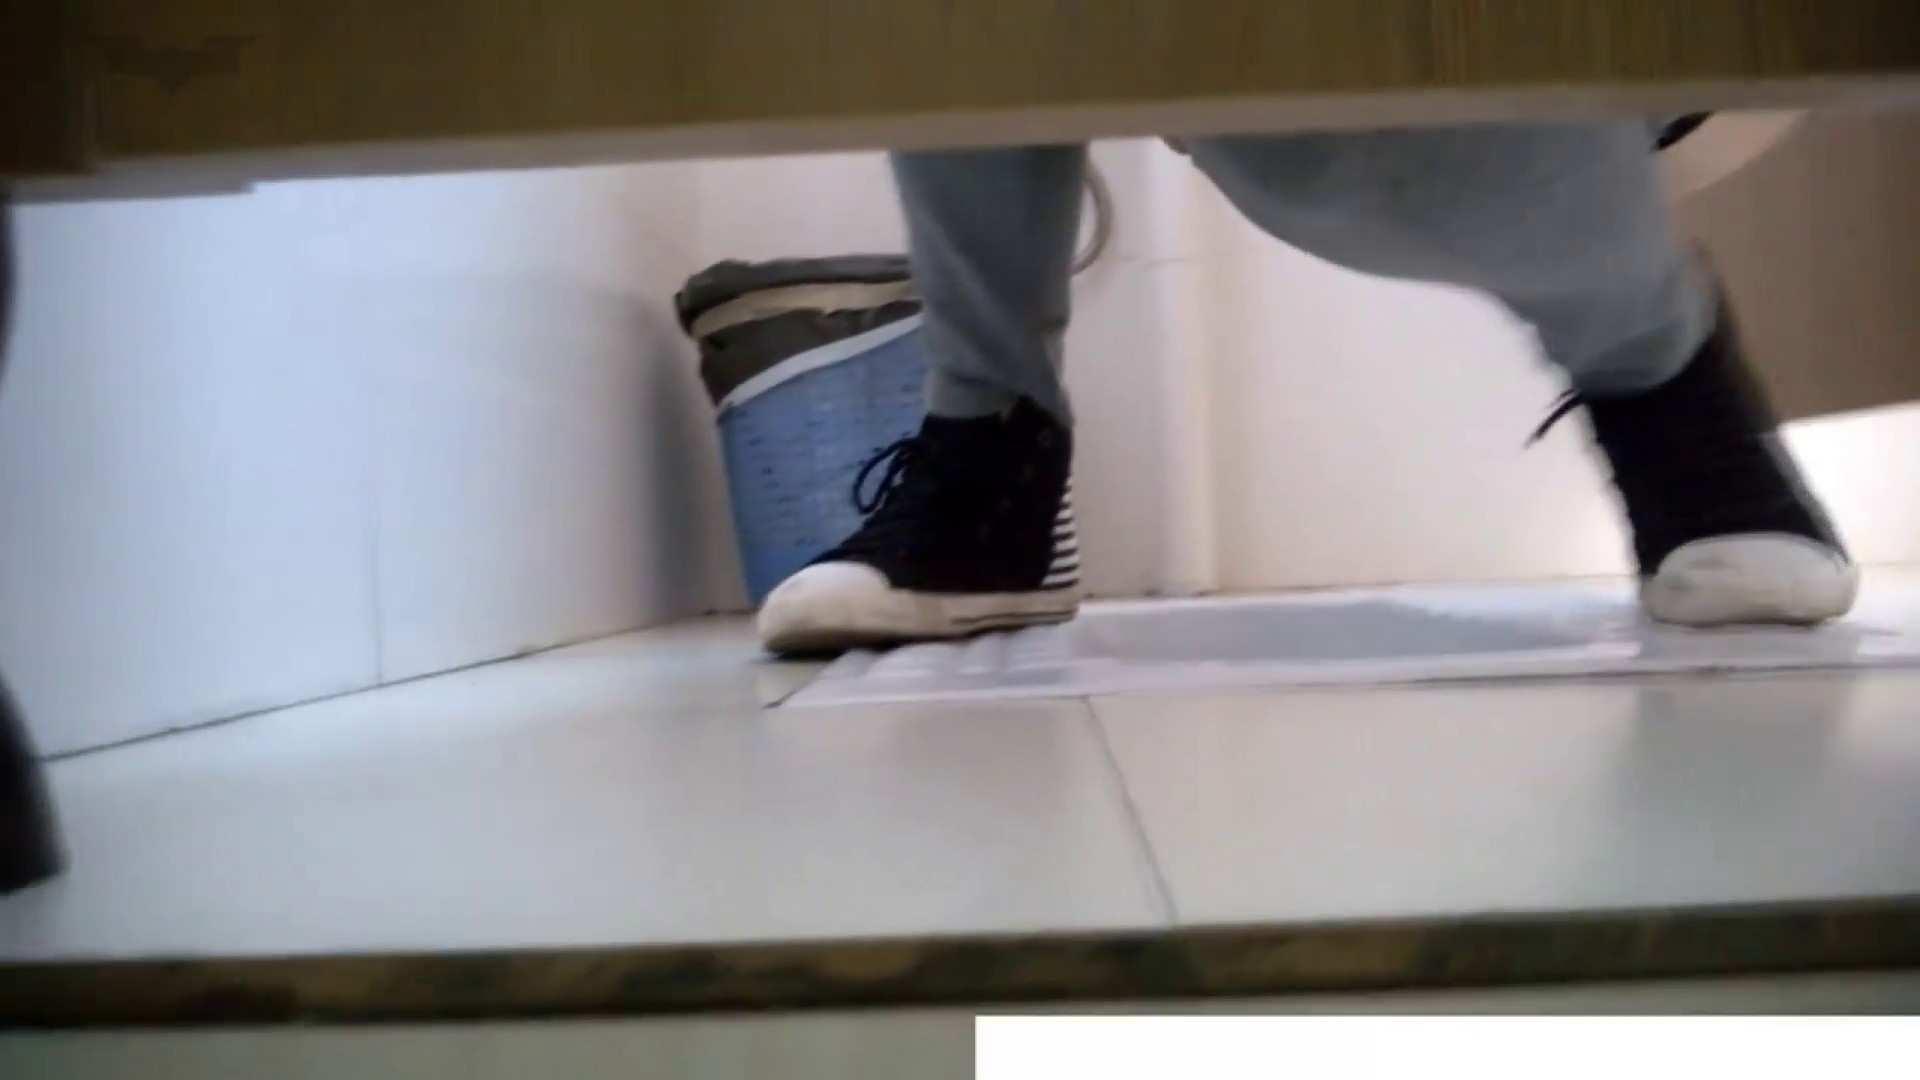 JD盗撮 美女の洗面所の秘密 Vol.20 女性トイレ われめAV動画紹介 94pic 90